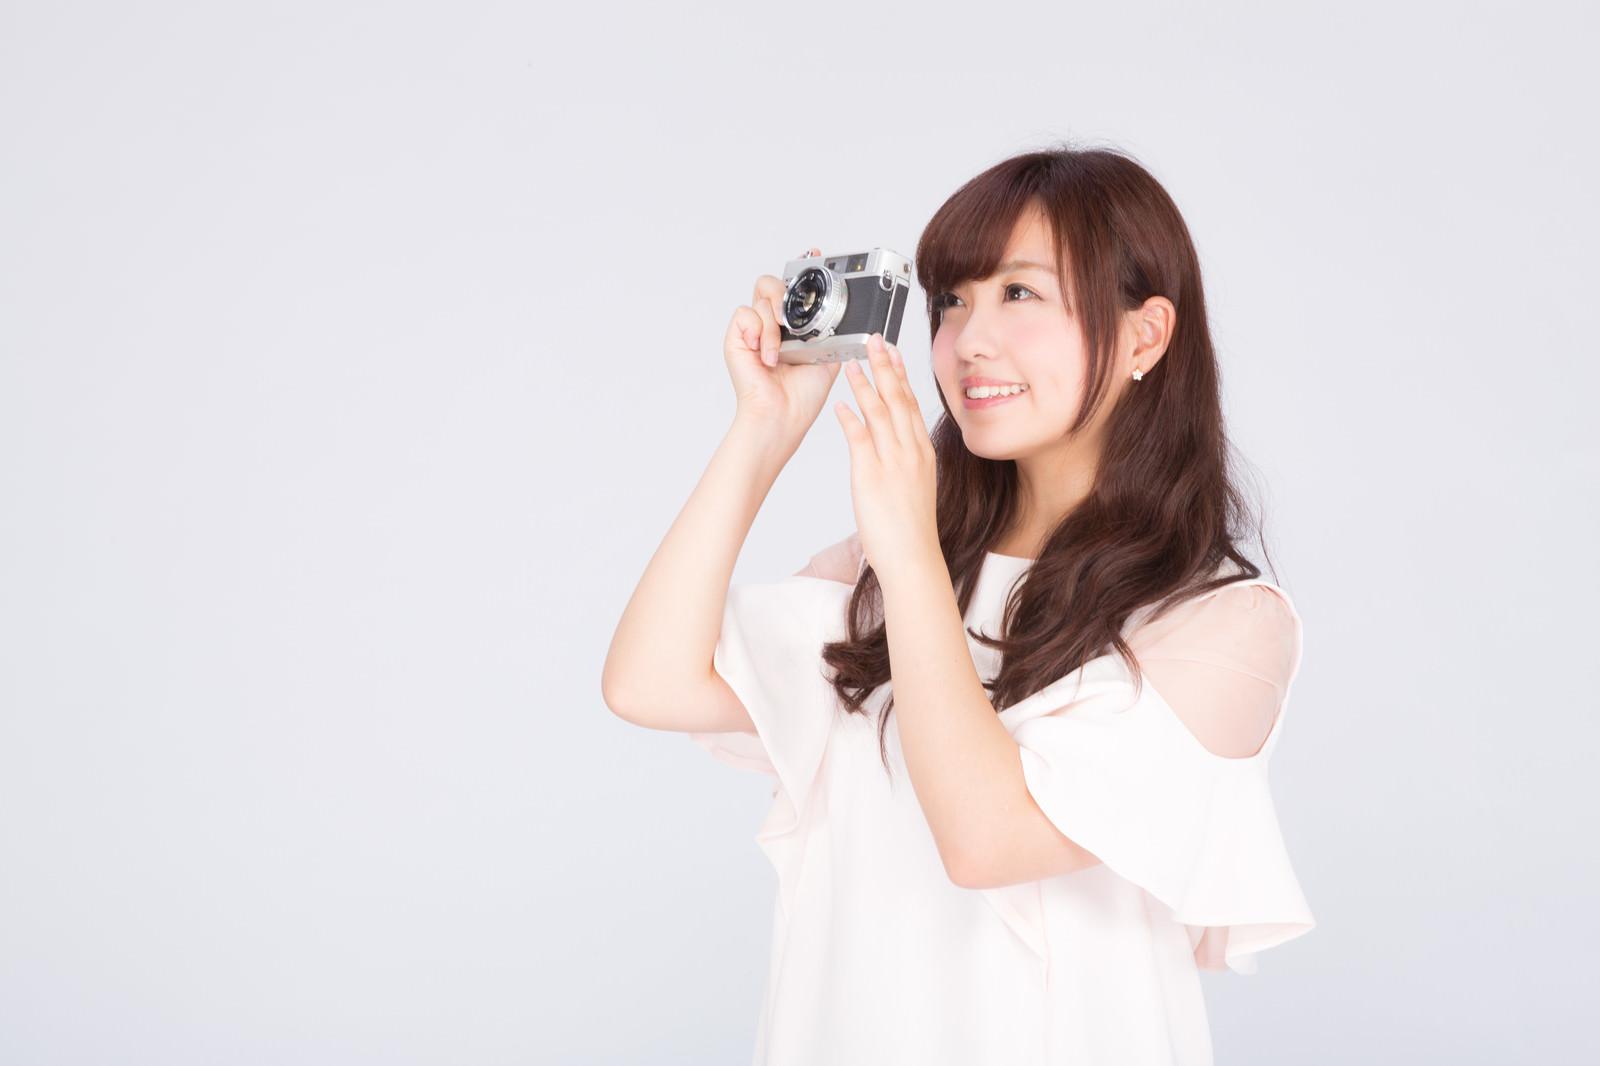 「フイルムカメラで撮影女子 | 写真の無料素材・フリー素材 - ぱくたそ」の写真[モデル:河村友歌]